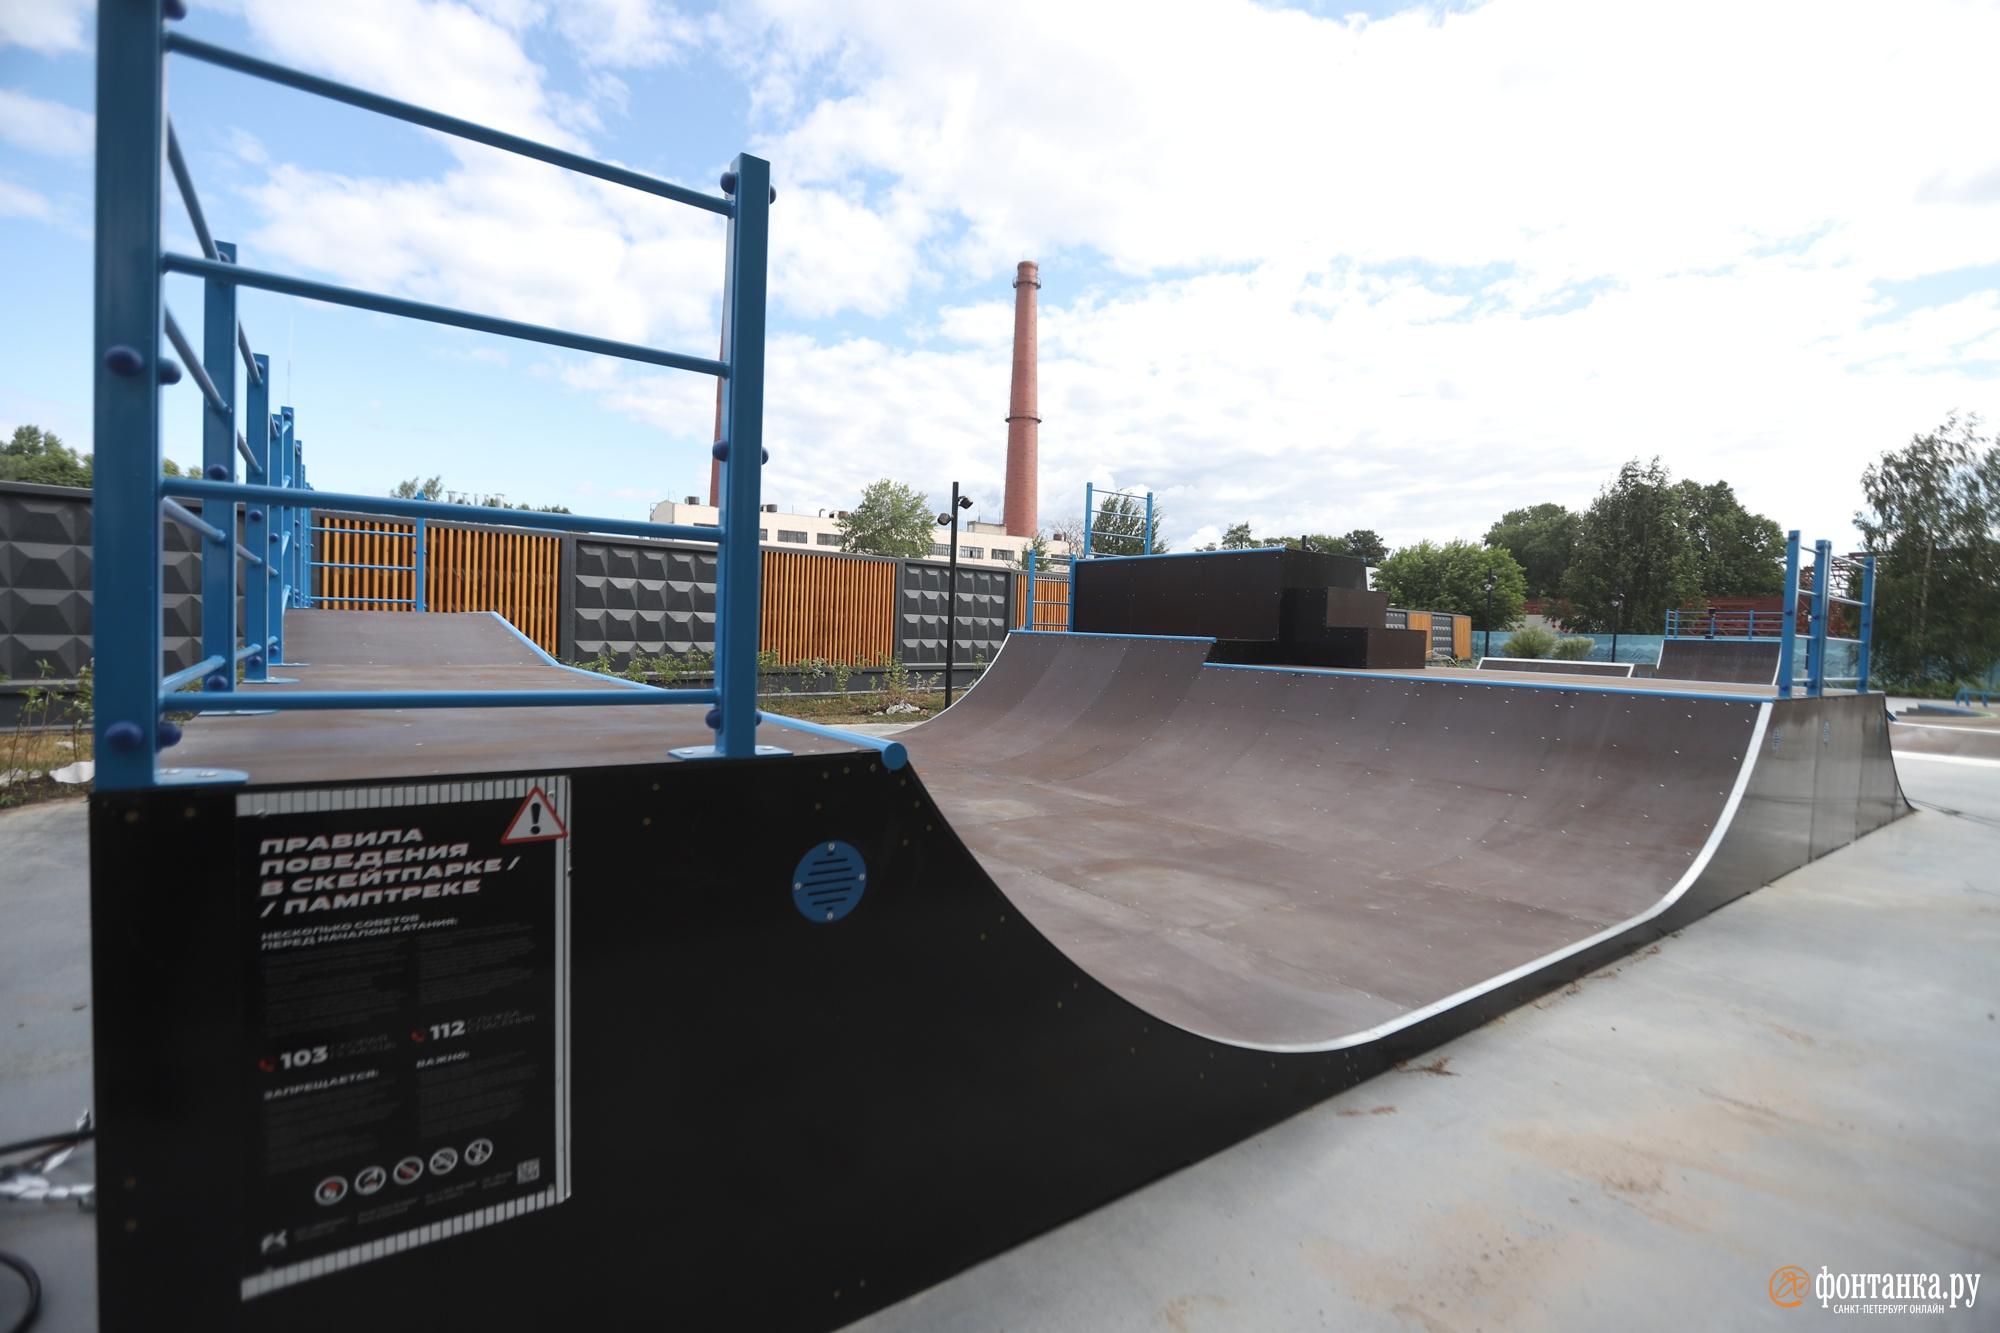 Скейт-парк<br /><br />автор фото Сергей Михайличенко/«Фонтанка.ру»